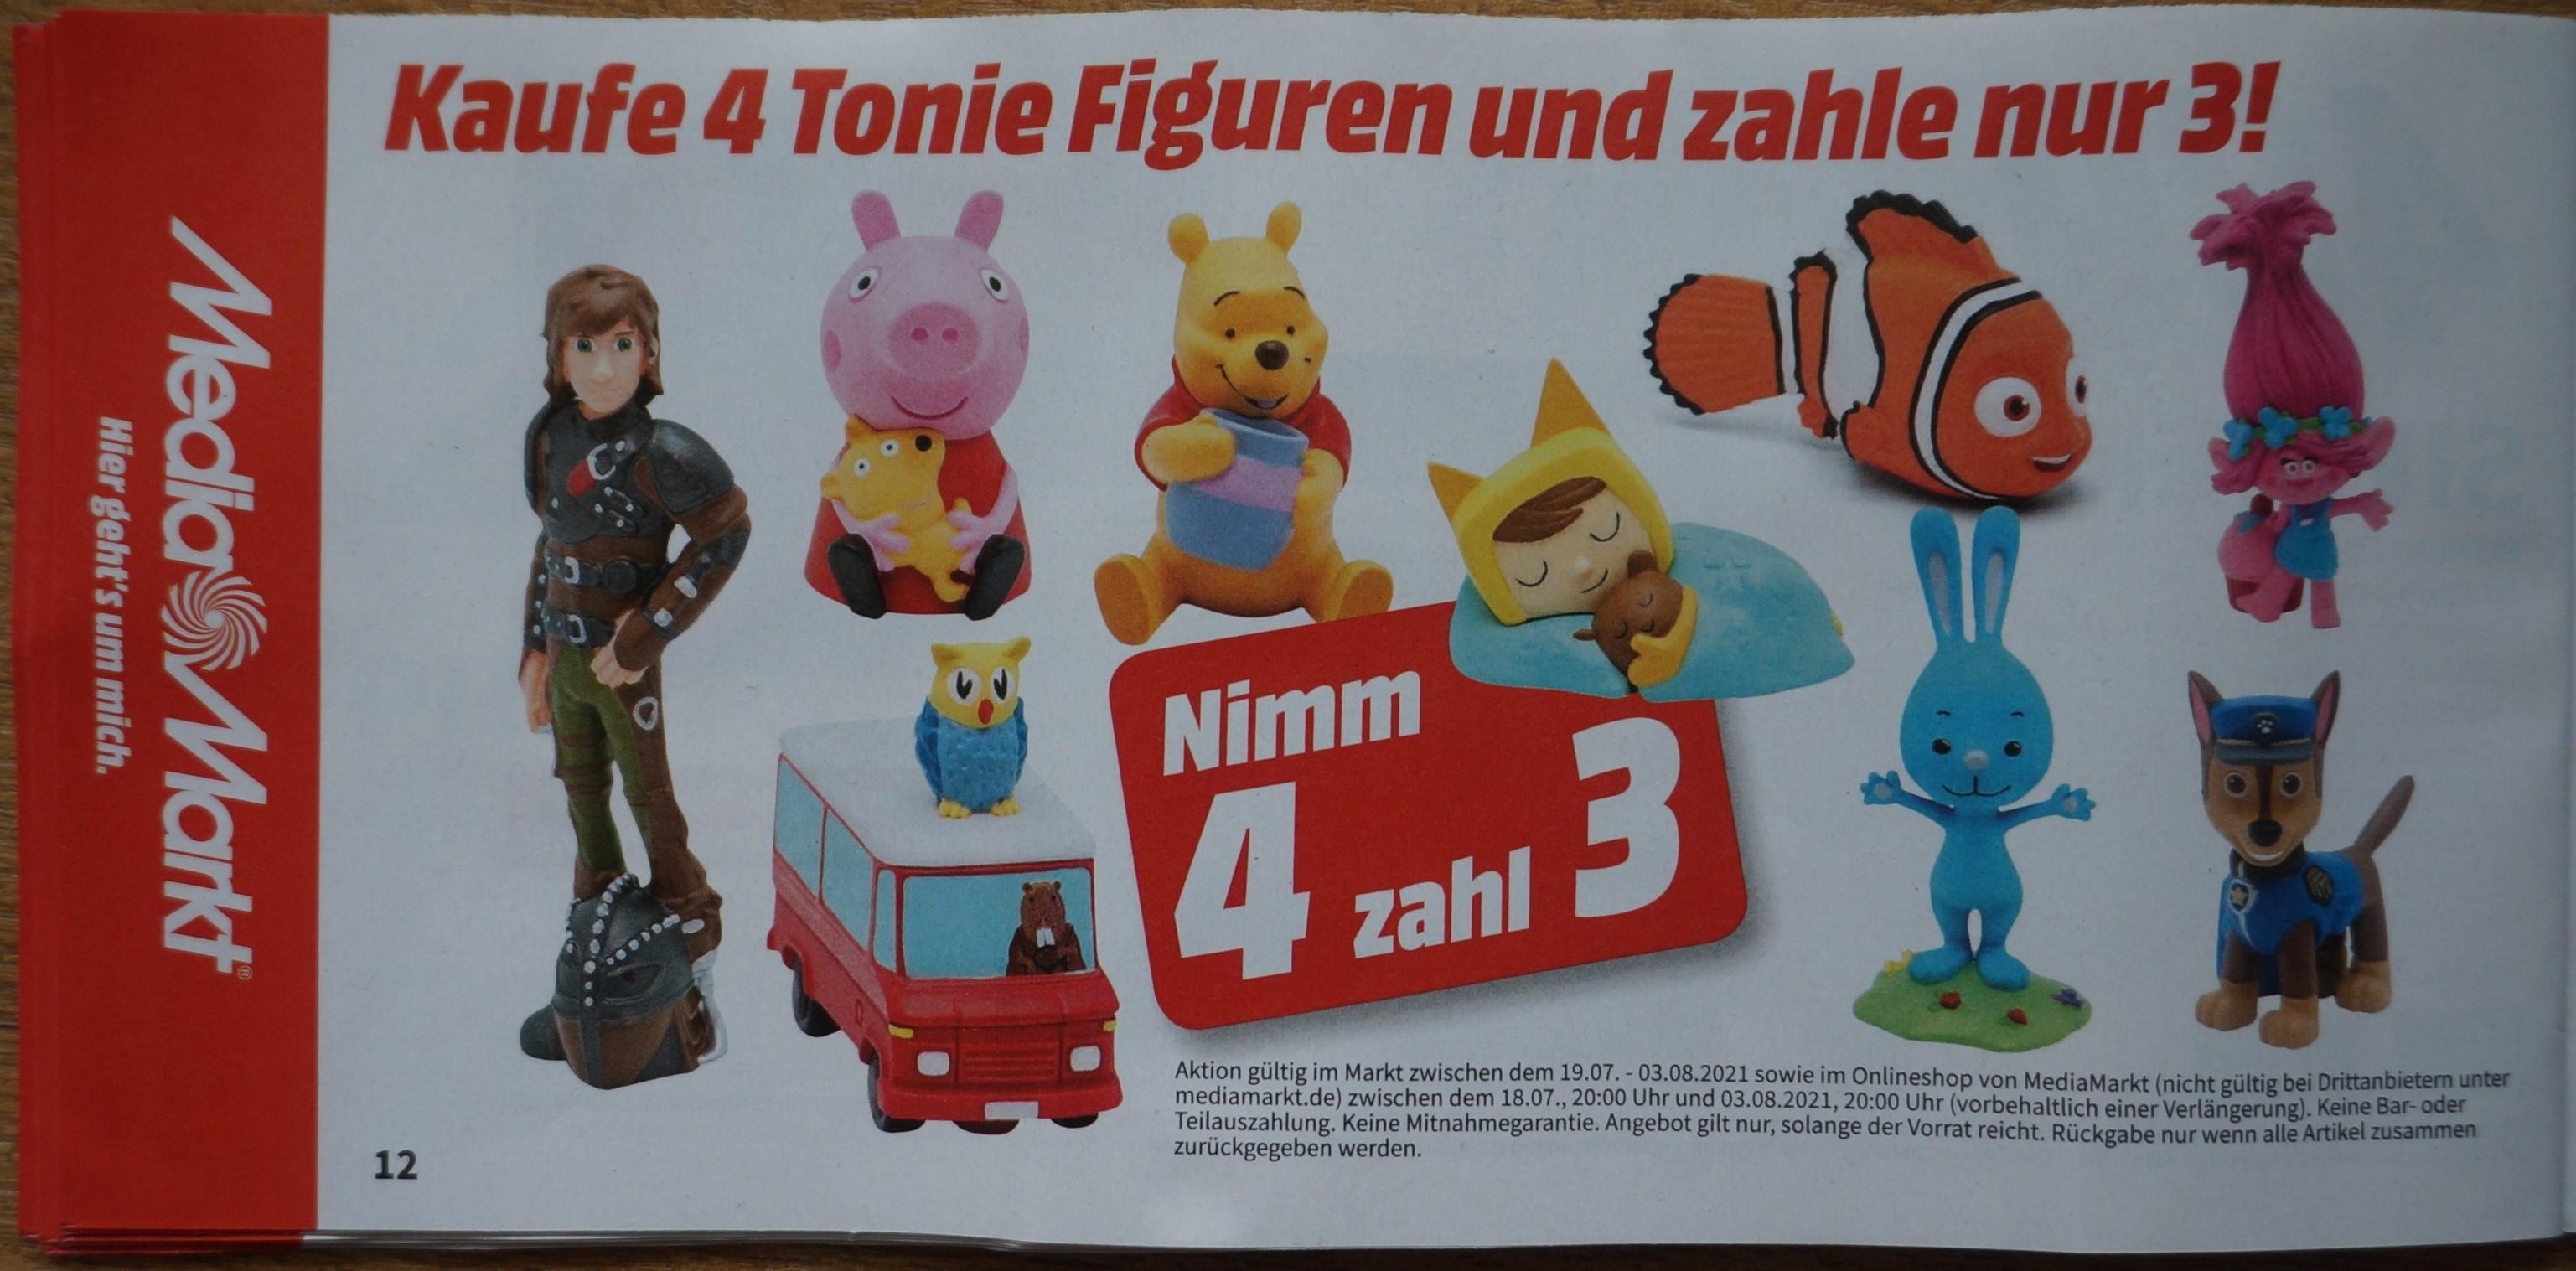 [Media Markt] Gutscheinheft: Konsole / Games / Tonies (4 Tonie Kaufen, 3 Zahlen) gültig 18.07.-03.08.2021